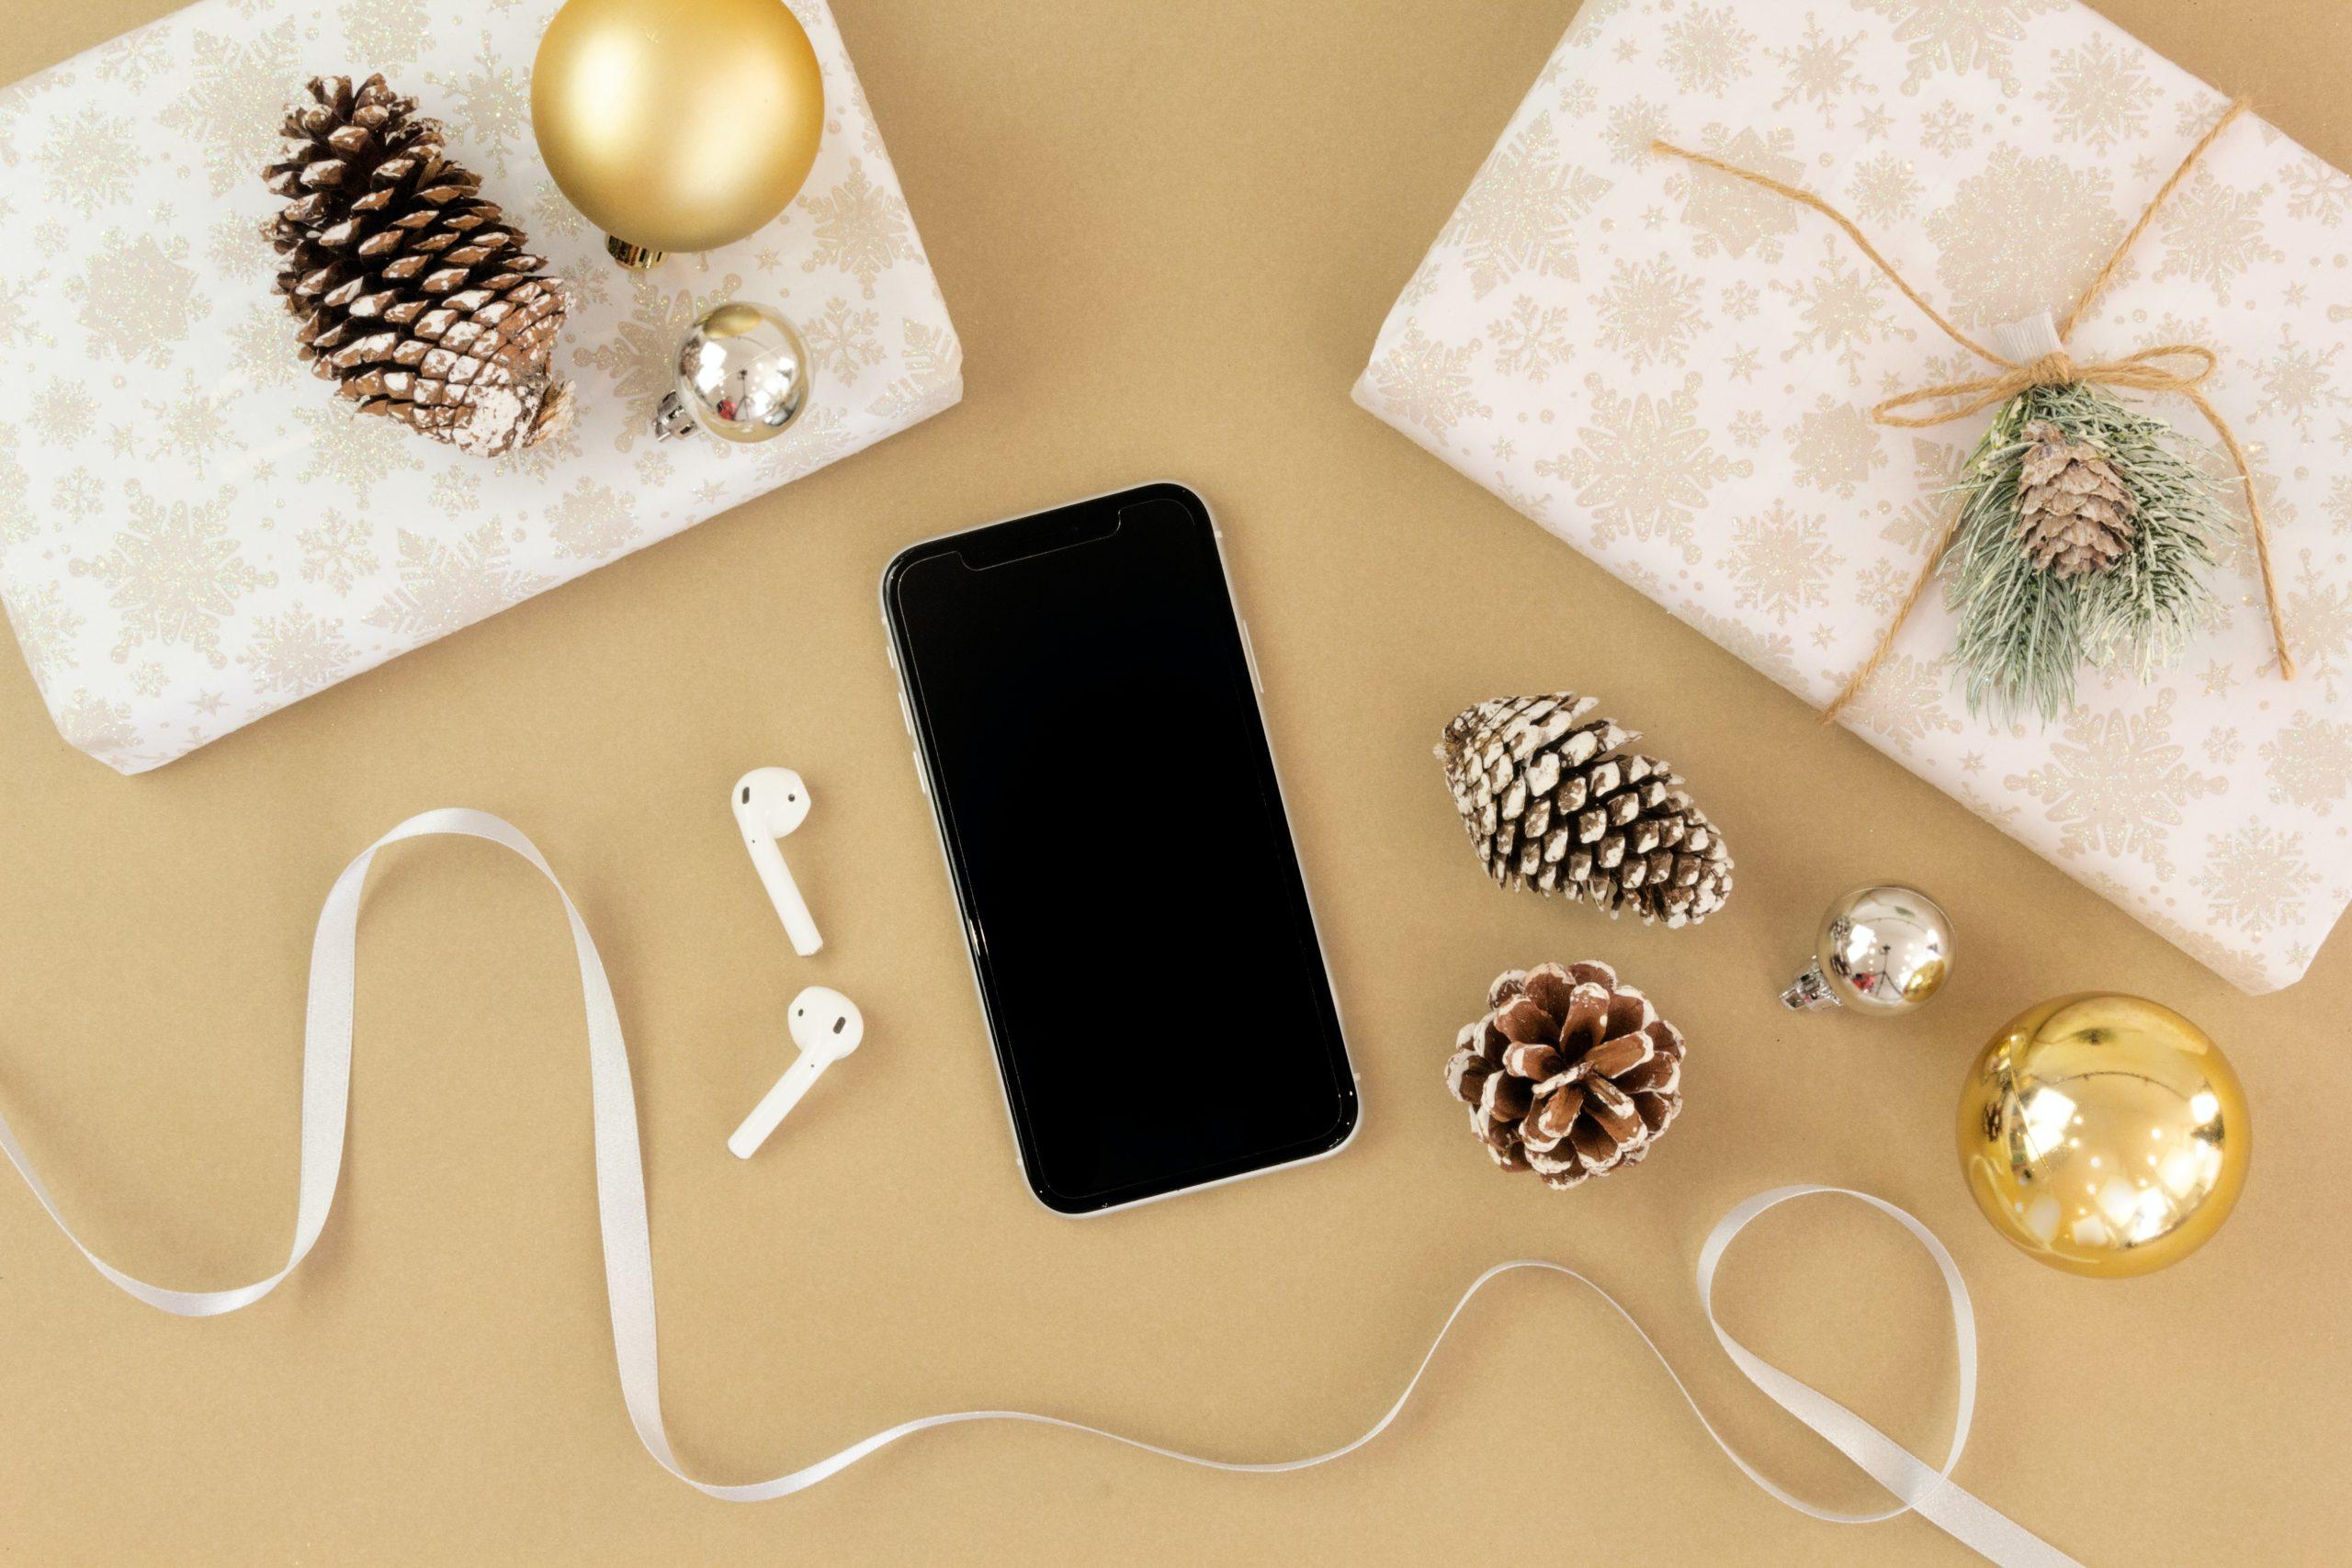 アマゾンオーディオブックオーディブル(AmazonAudioBookAudible)でおすすめランキング5選【無料体験で一生使える1冊】